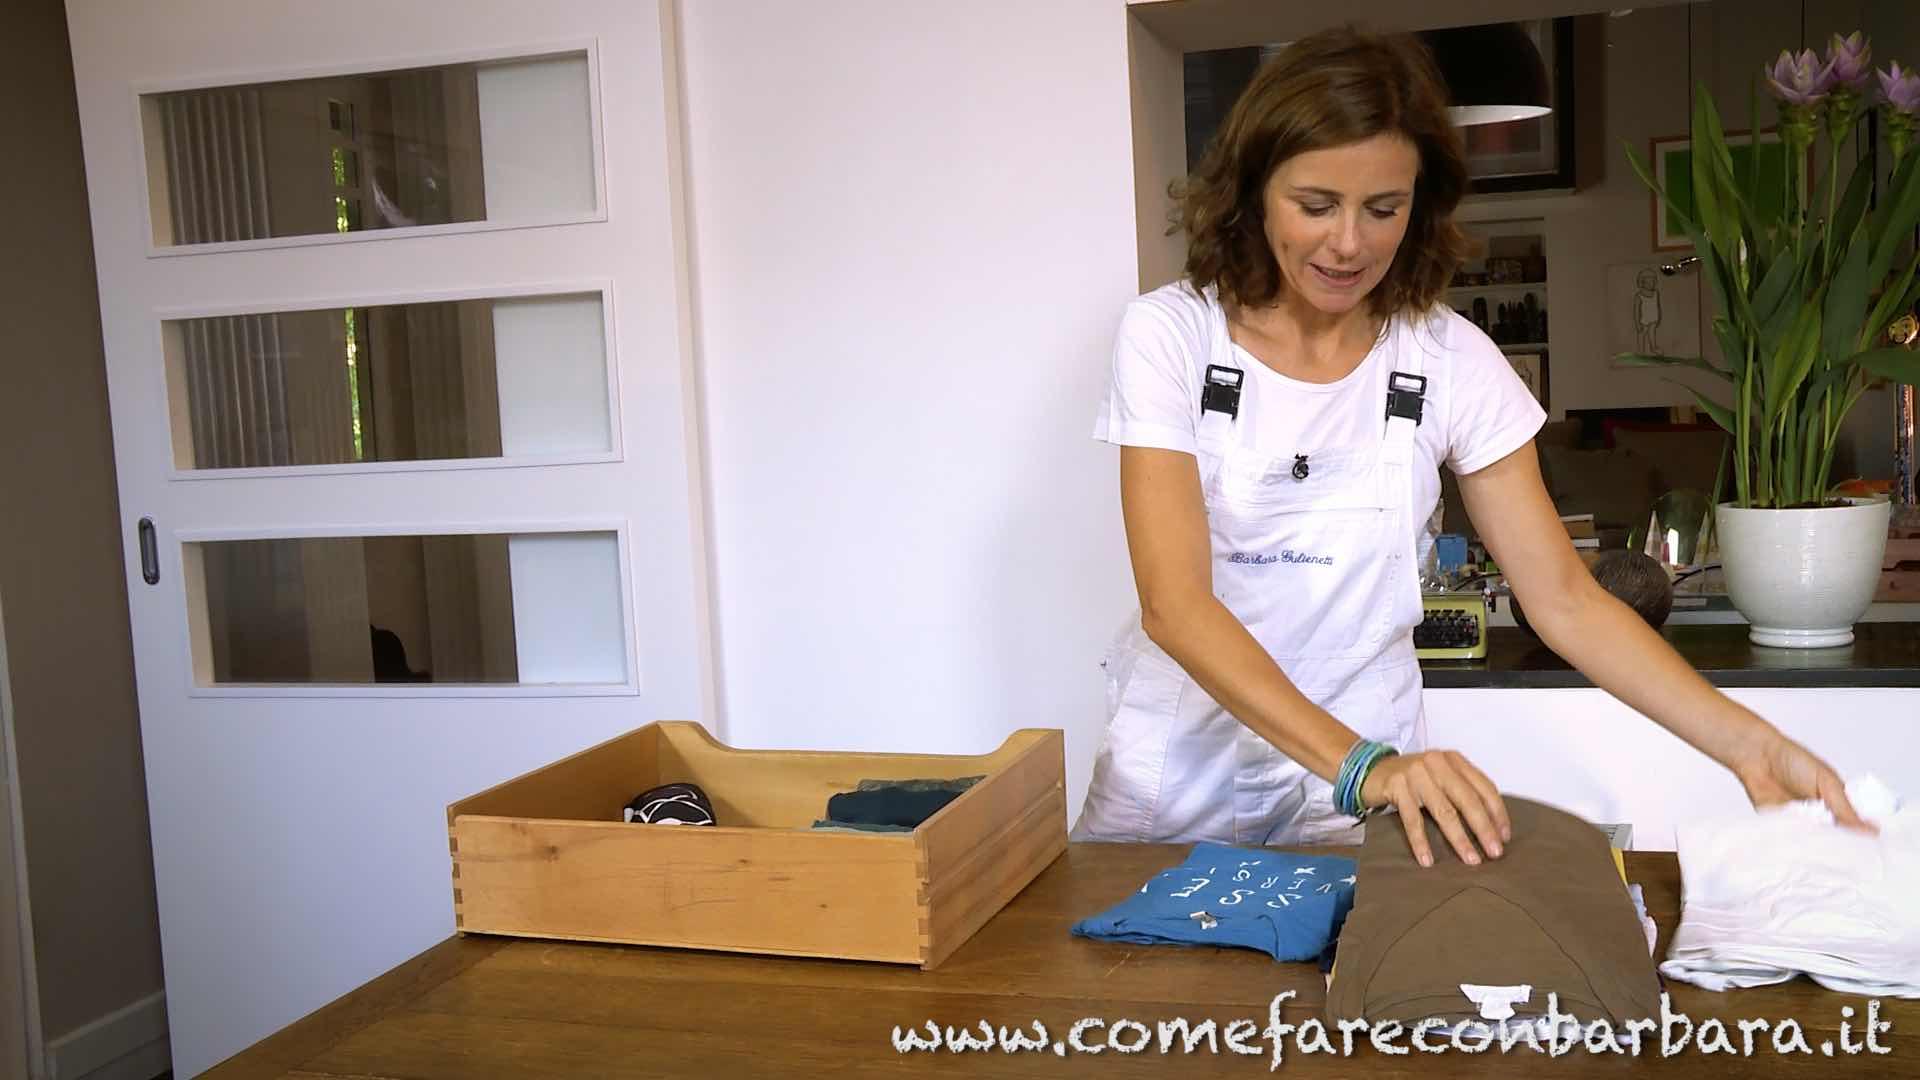 Il metodo Konmari per riordinare i cassetti